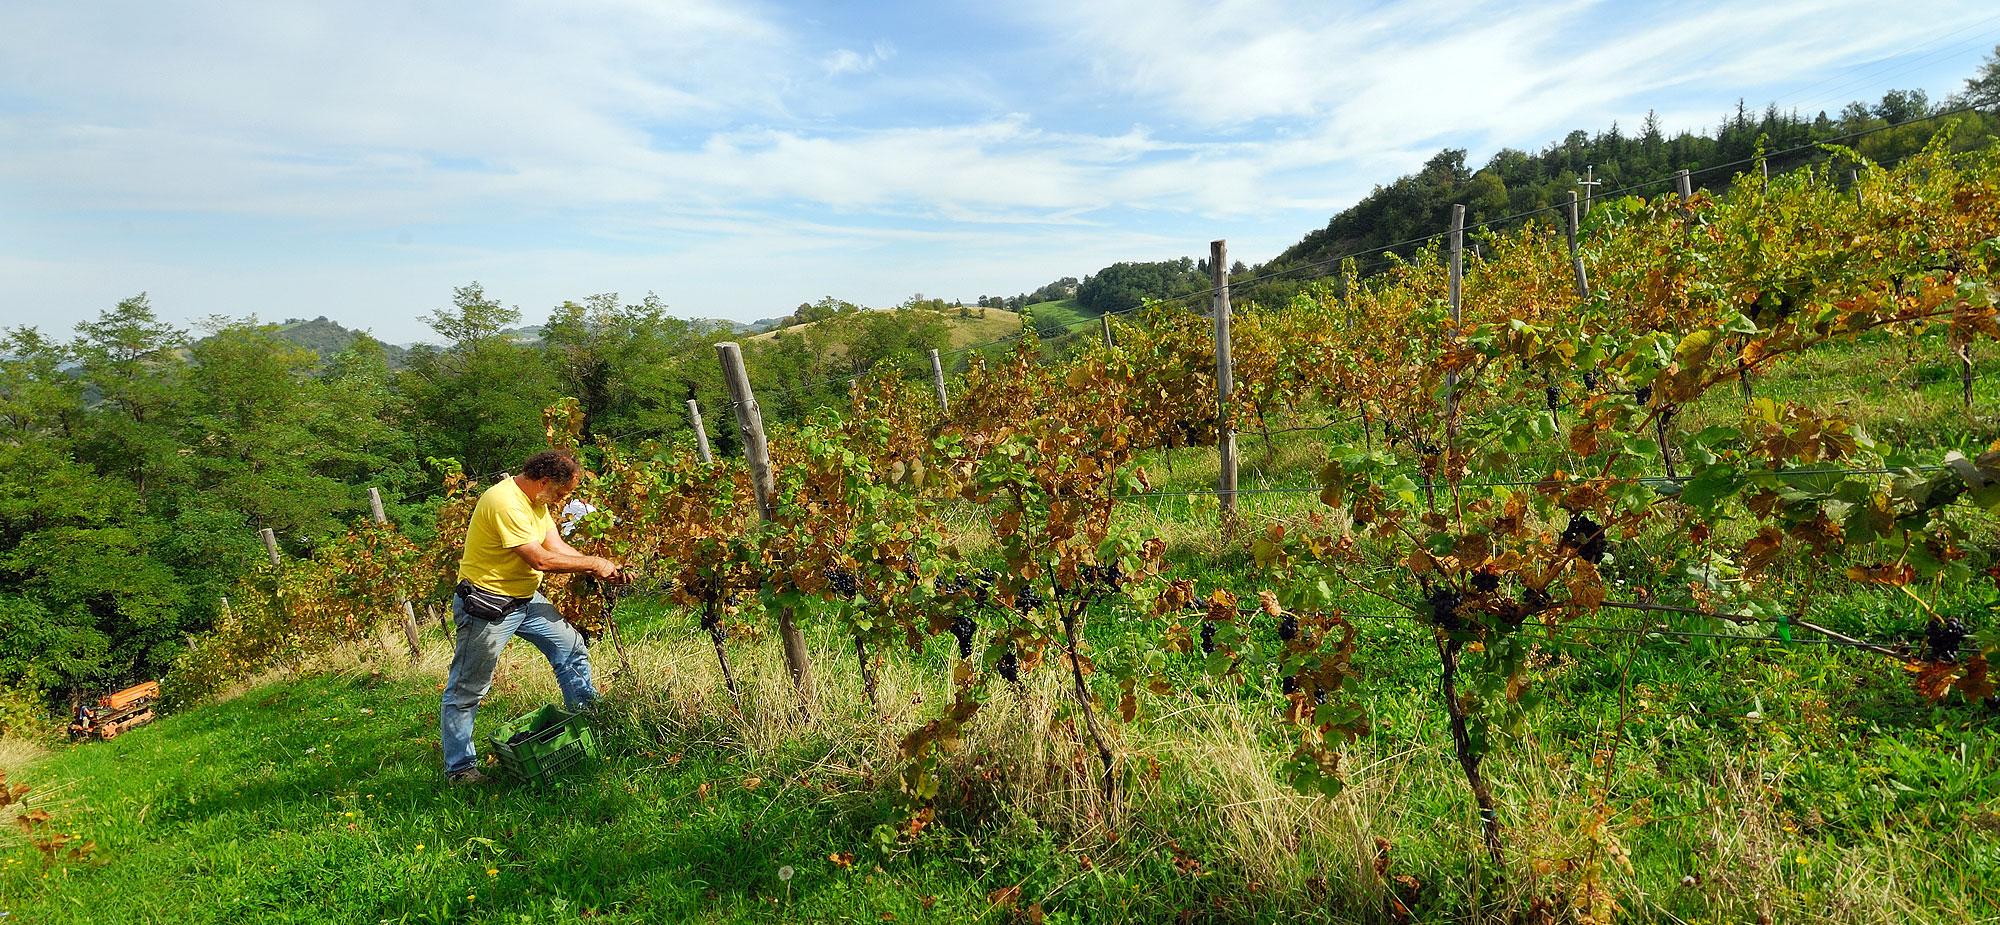 Escursione termica che regala al frutto della vite profumi intensi e persistenti che caratterizzano il vino prodotto.